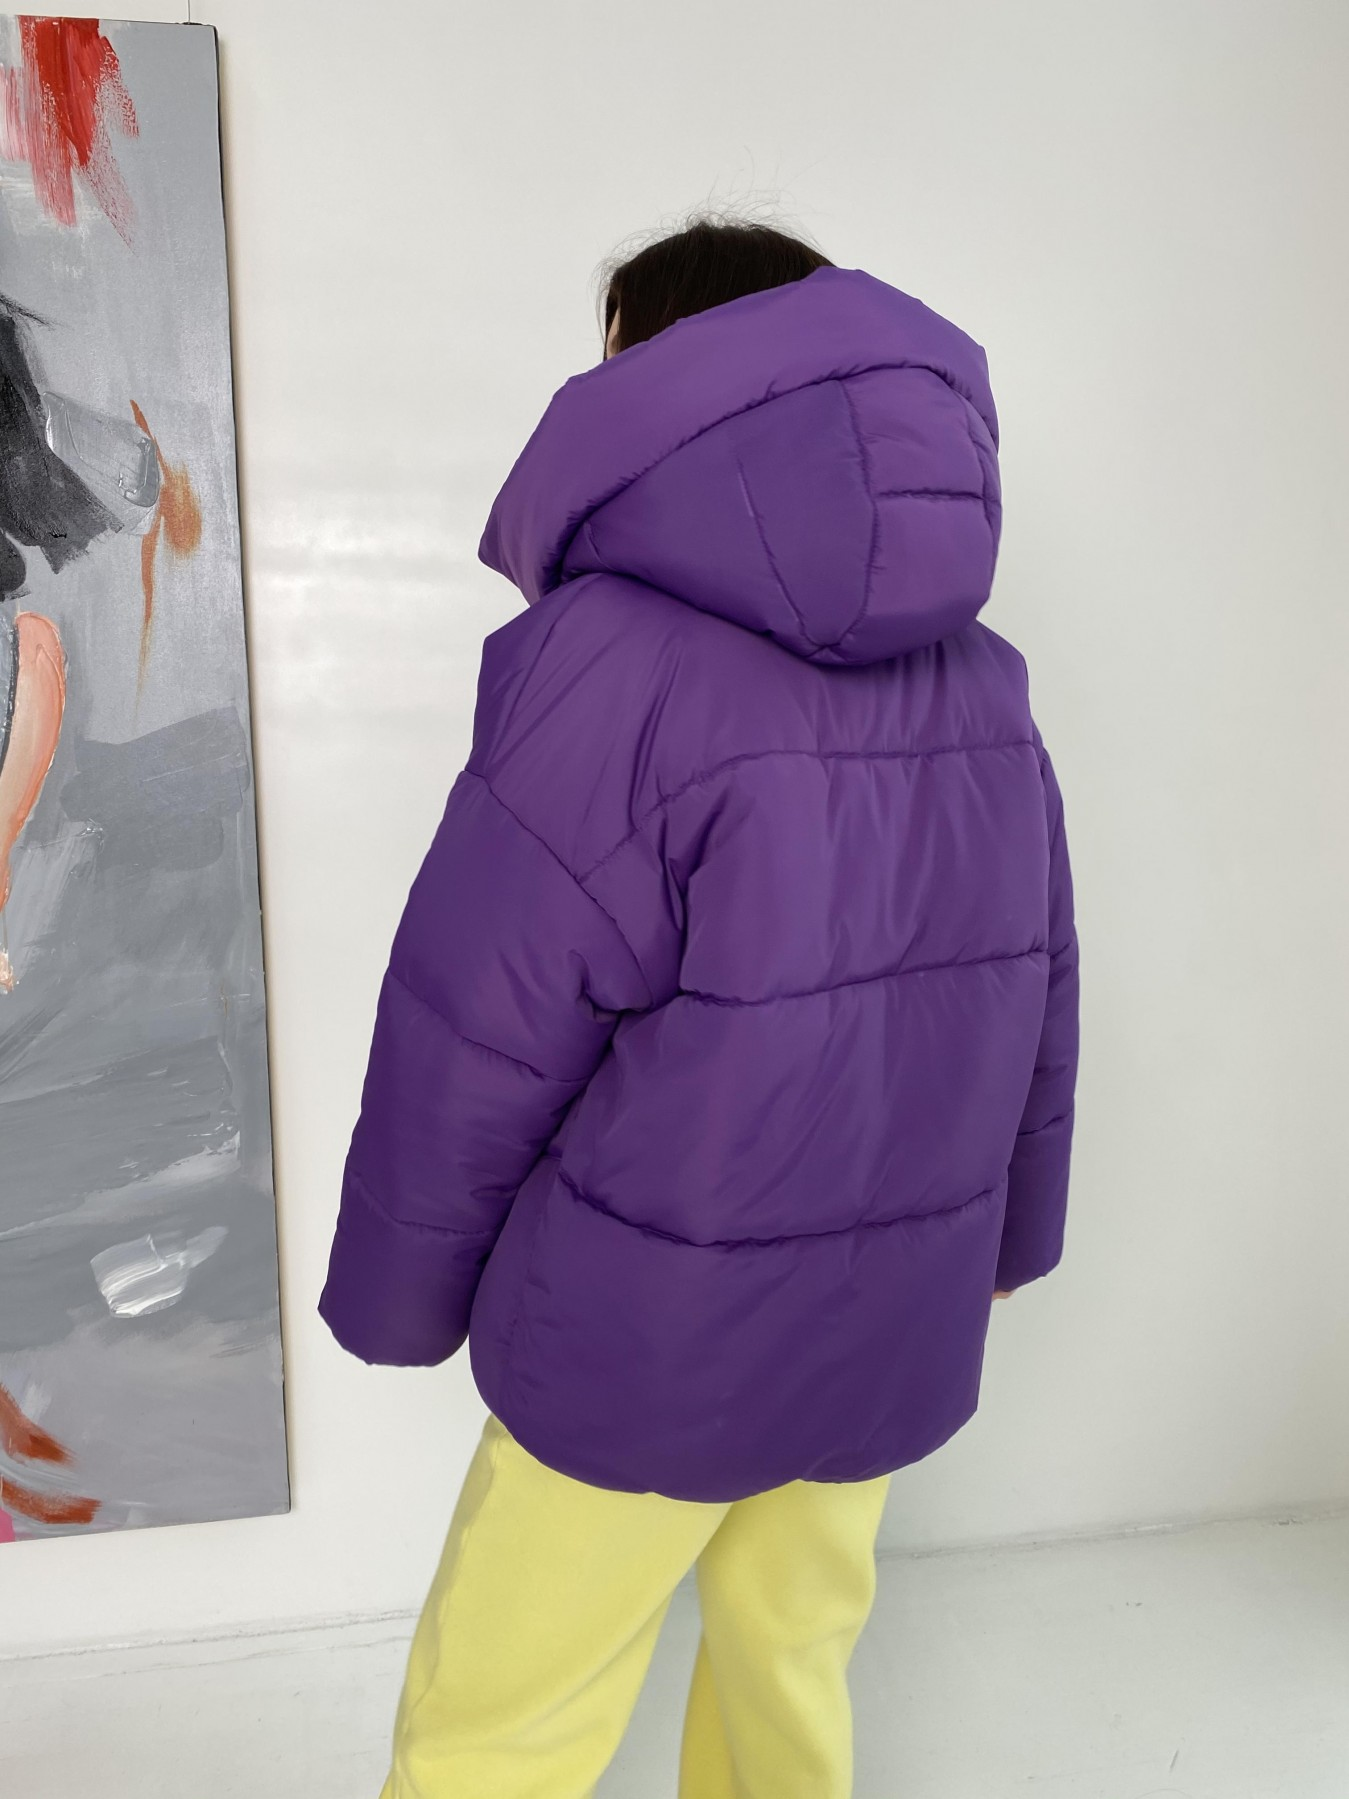 Овертайм  теплый пуховик из плащевой ткани 10243 АРТ. 47045 Цвет: Сиреневый 861 - фото 6, интернет магазин tm-modus.ru